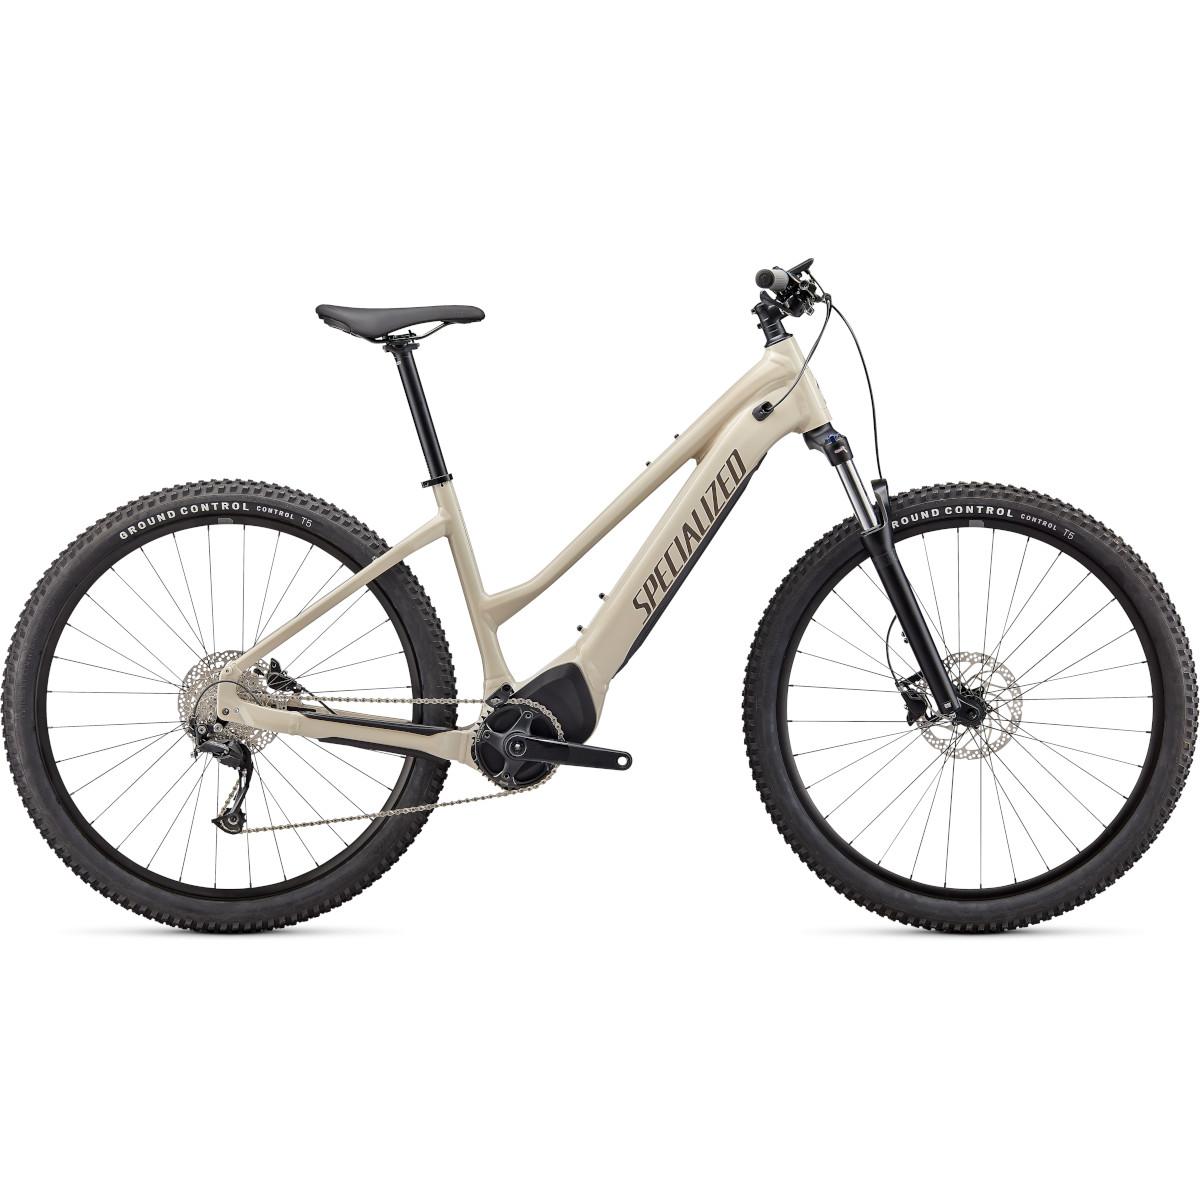 Produktbild von Specialized TURBO TERO 3.0 - Step-Through MTB E-Bike - 2022 - white mountains / gunmetal